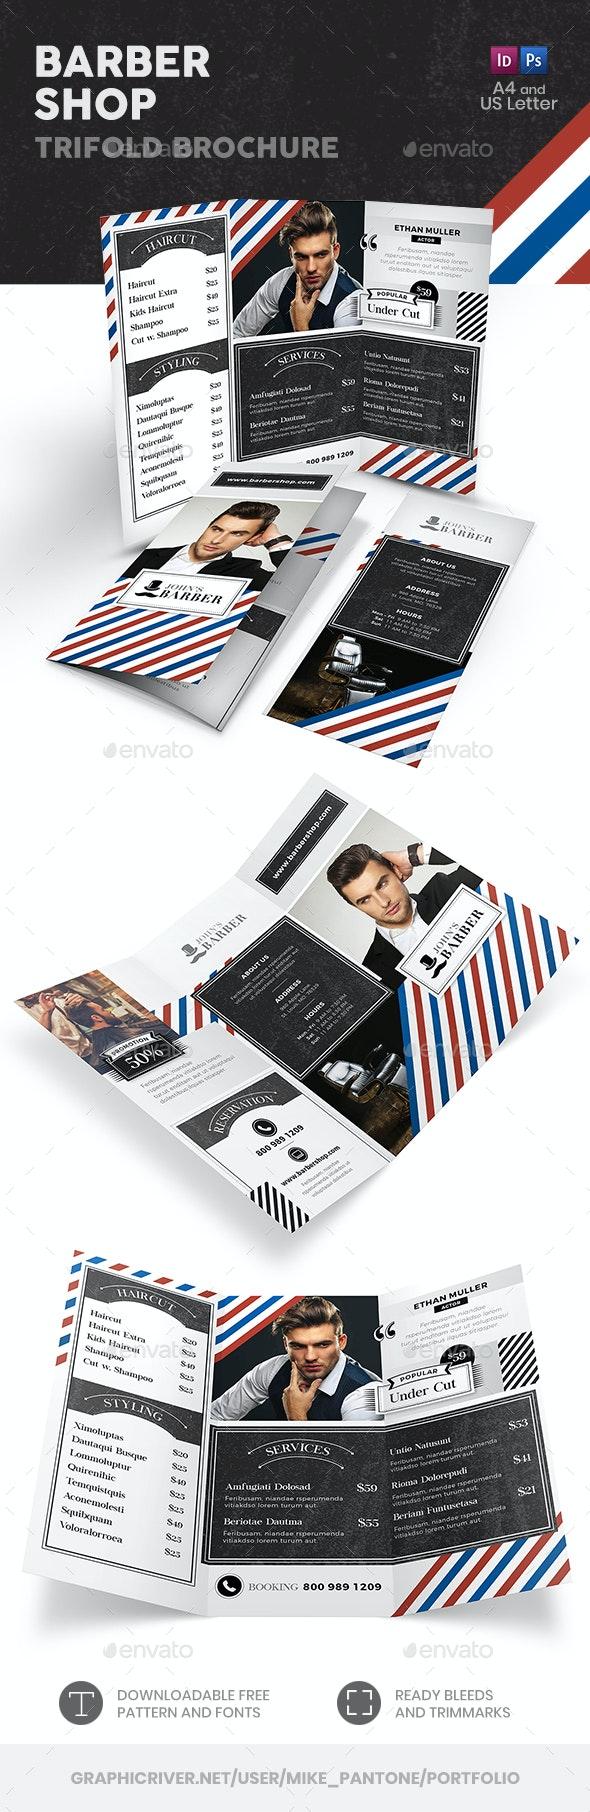 Barber Shop Trifold Brochure - Informational Brochures